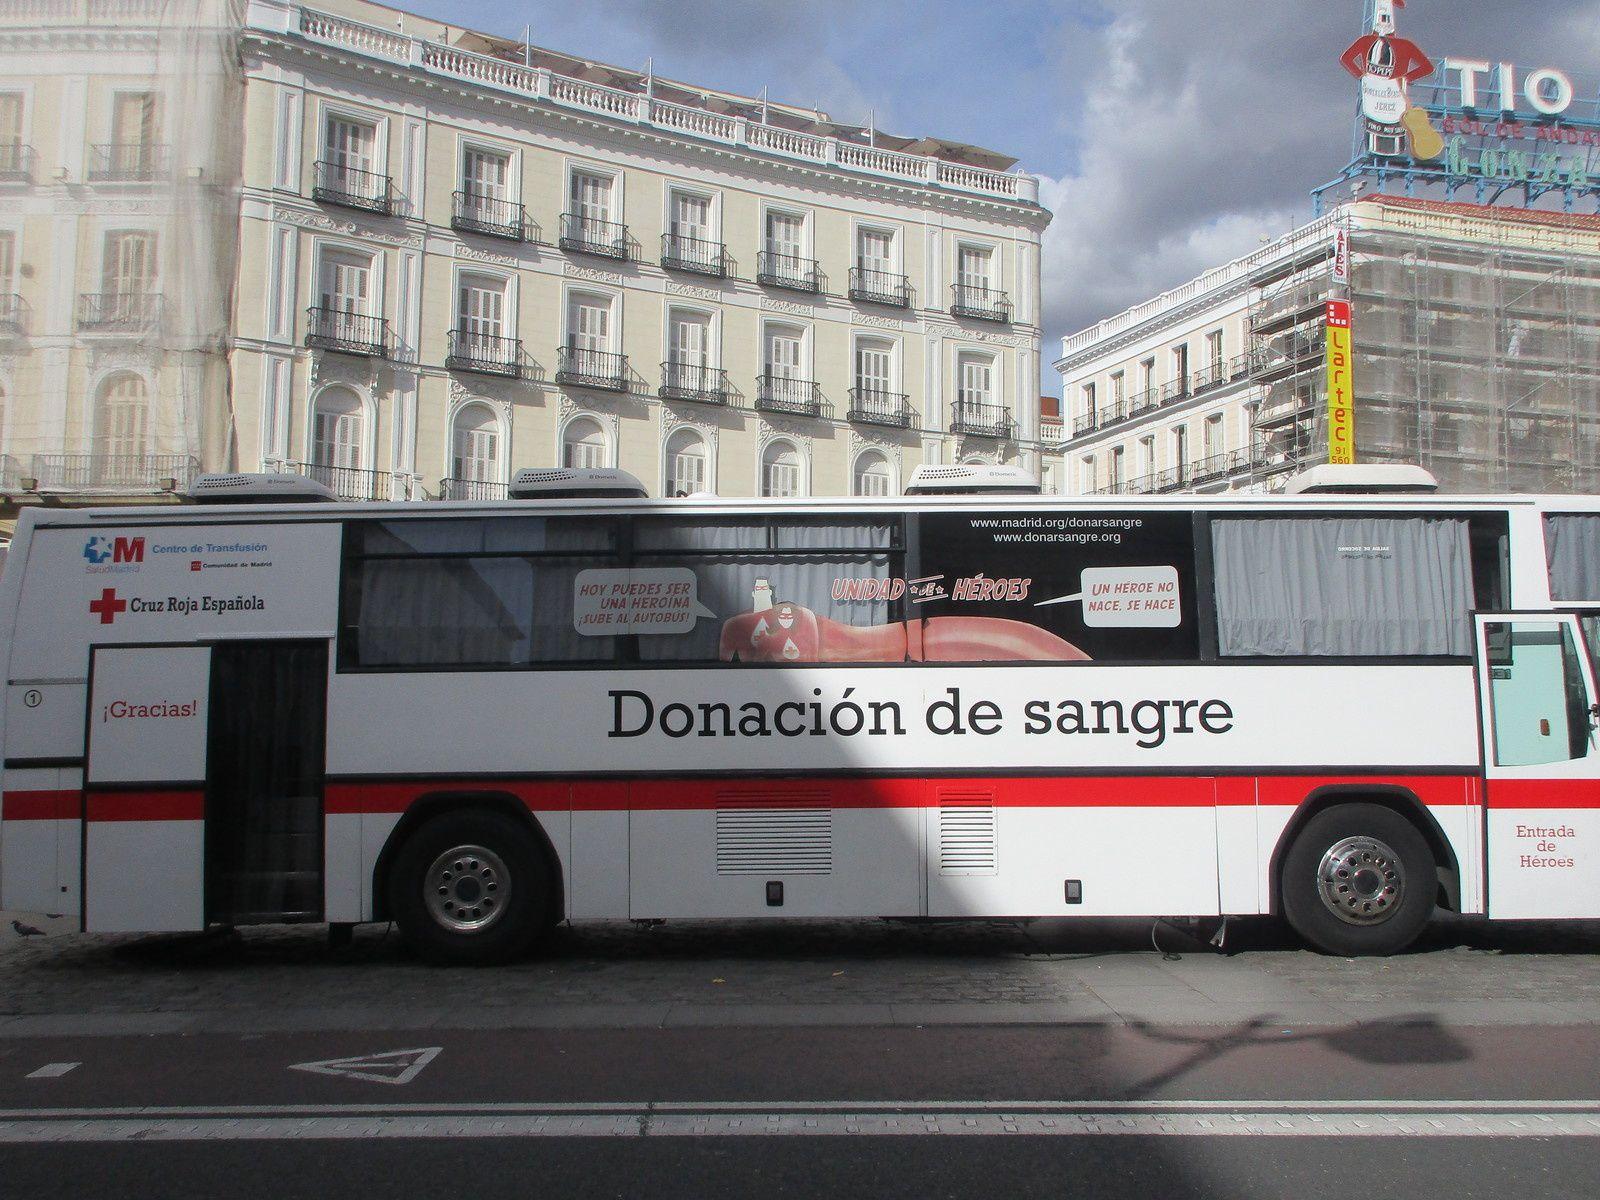 L'hôpital dans l'avenue centrale, l'arbre de coeurs, les panneaux et affiches à l'entrée, l'accueil, puis le Dr CASTRO dans la salle de don, le bus sur la PLAZA DEL SOL à MADRID.